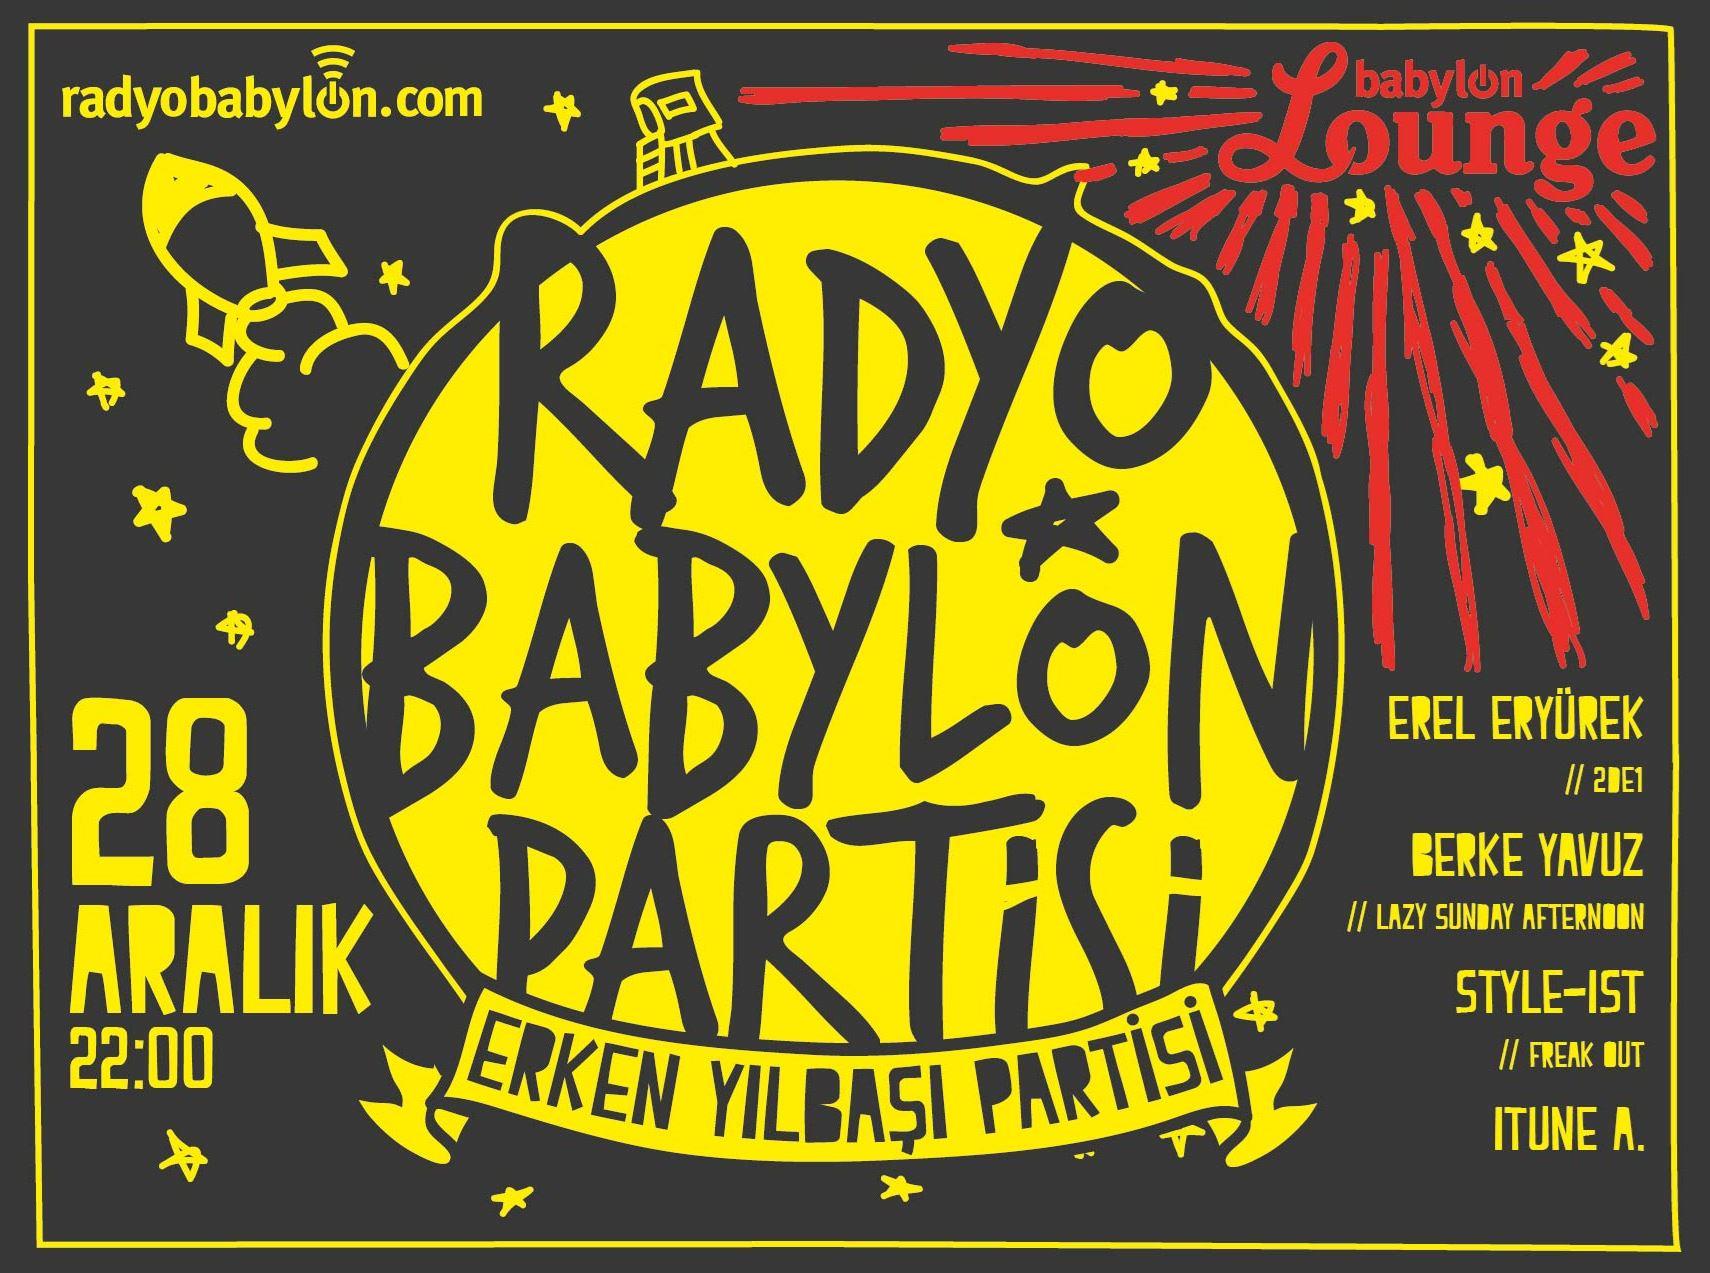 Radyo Babylon Erken Yılbaşı Partisi